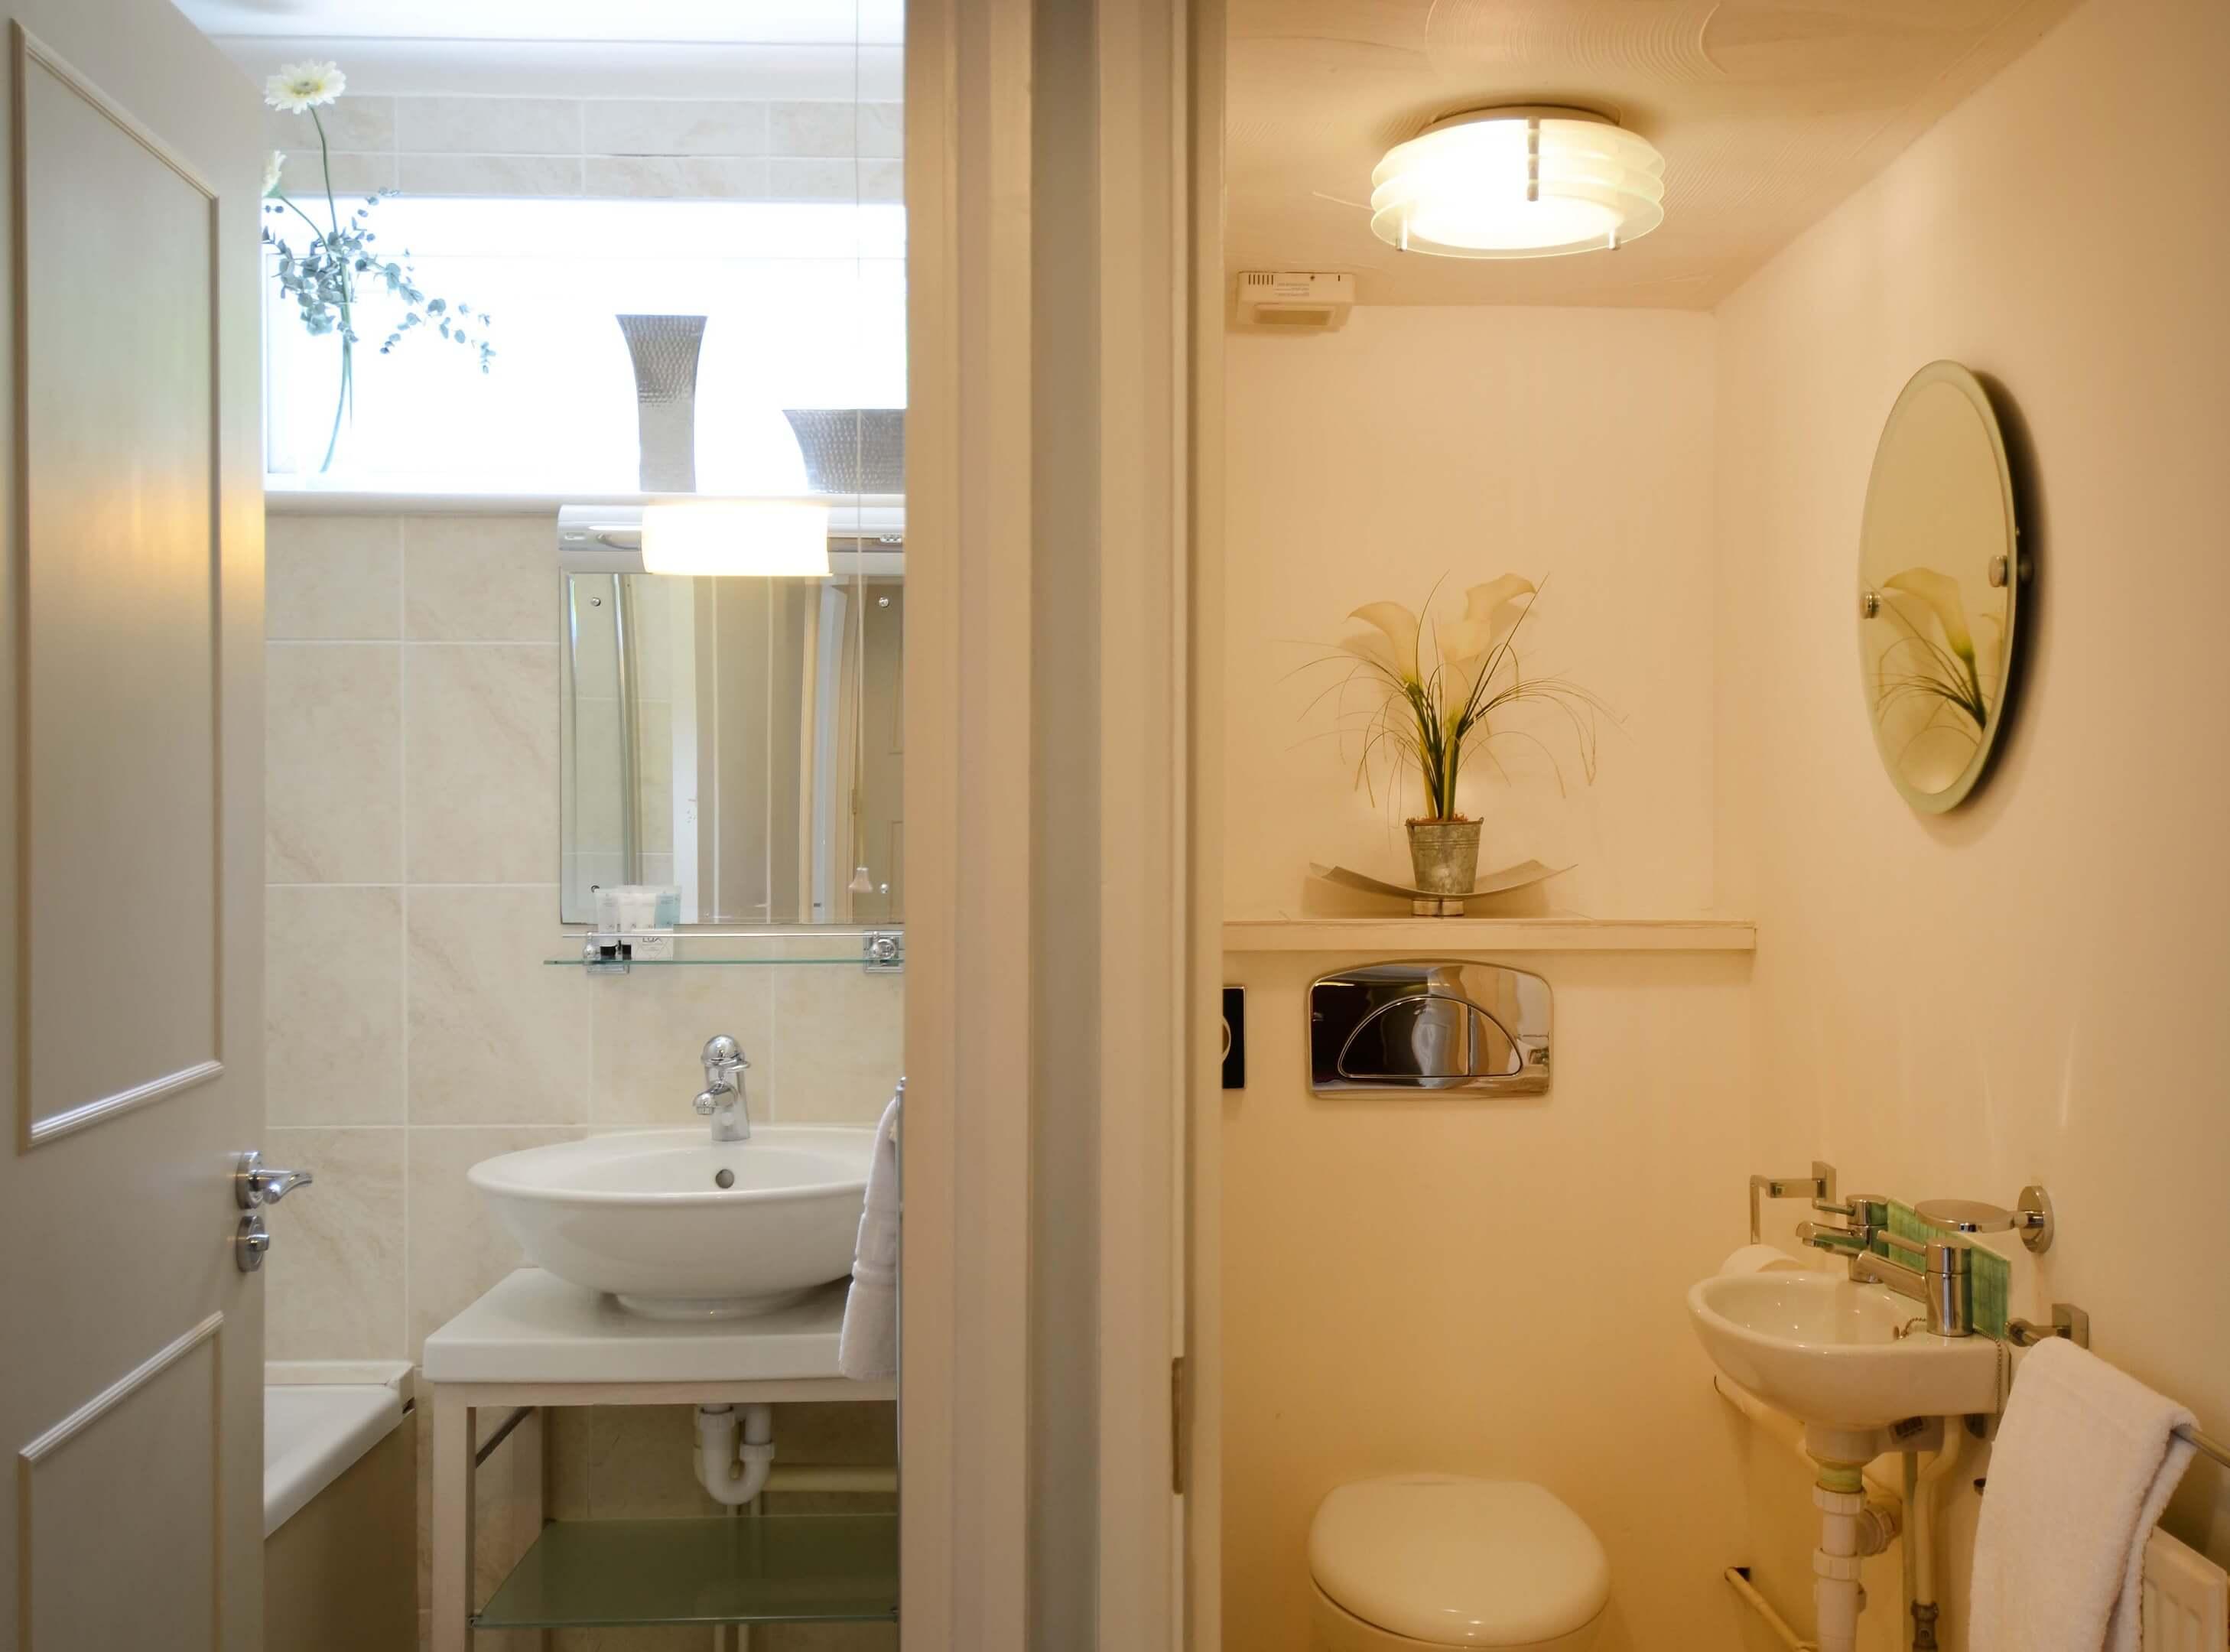 West Grove Bathroom